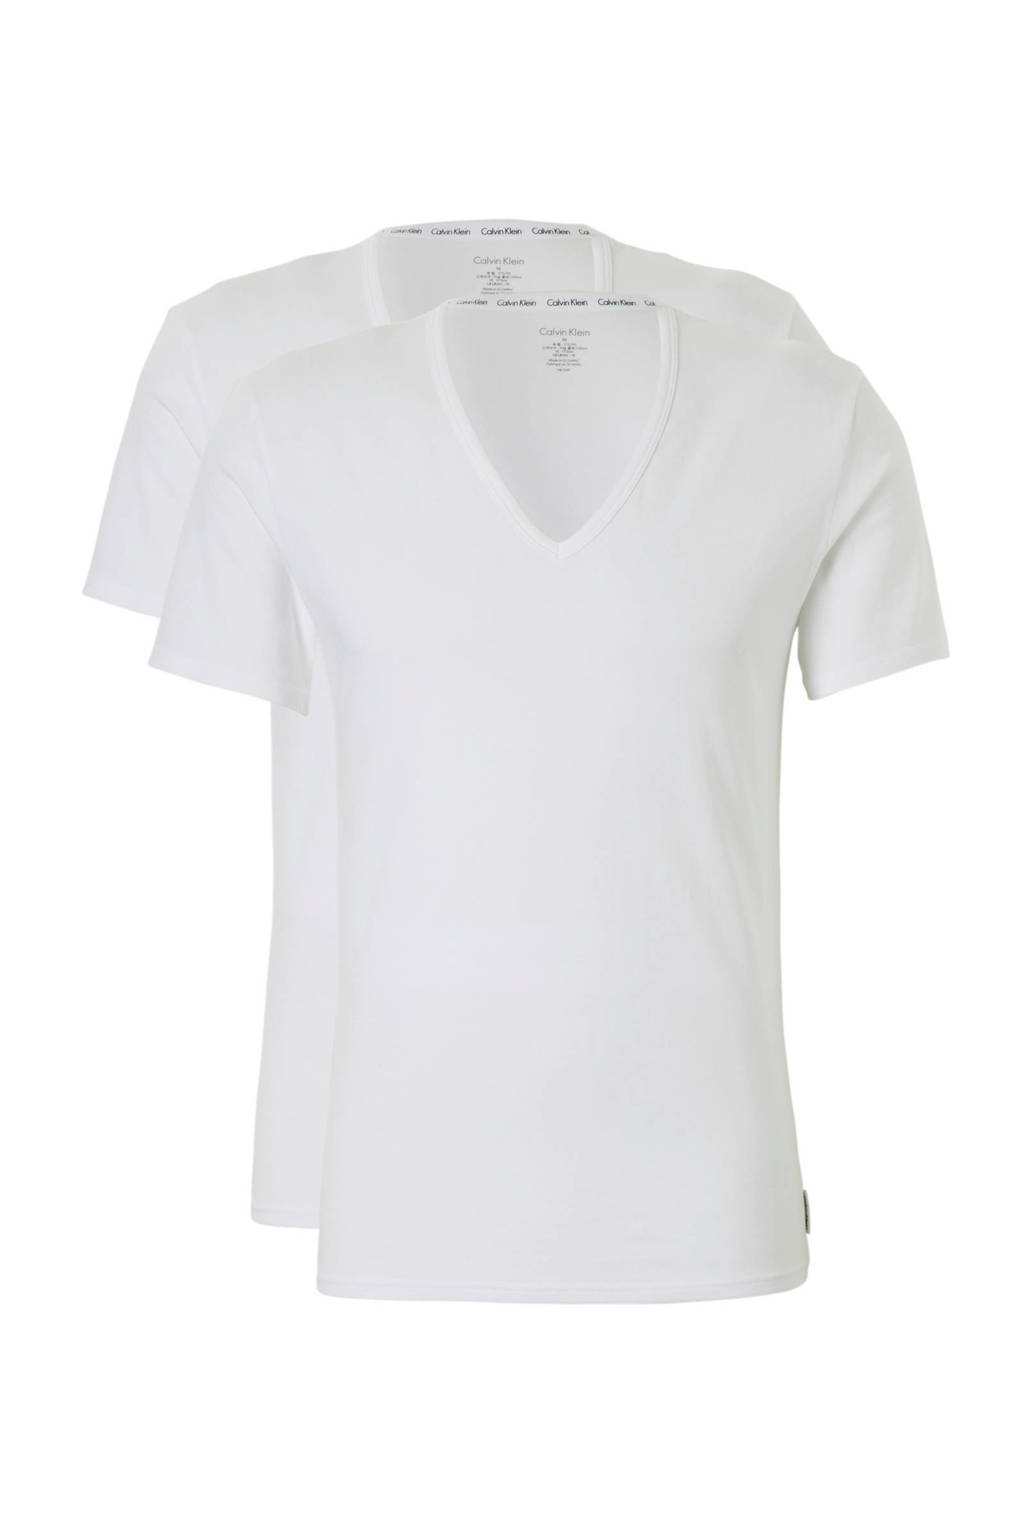 CALVIN KLEIN UNDERWEAR T-shirt (set van 2), Wit